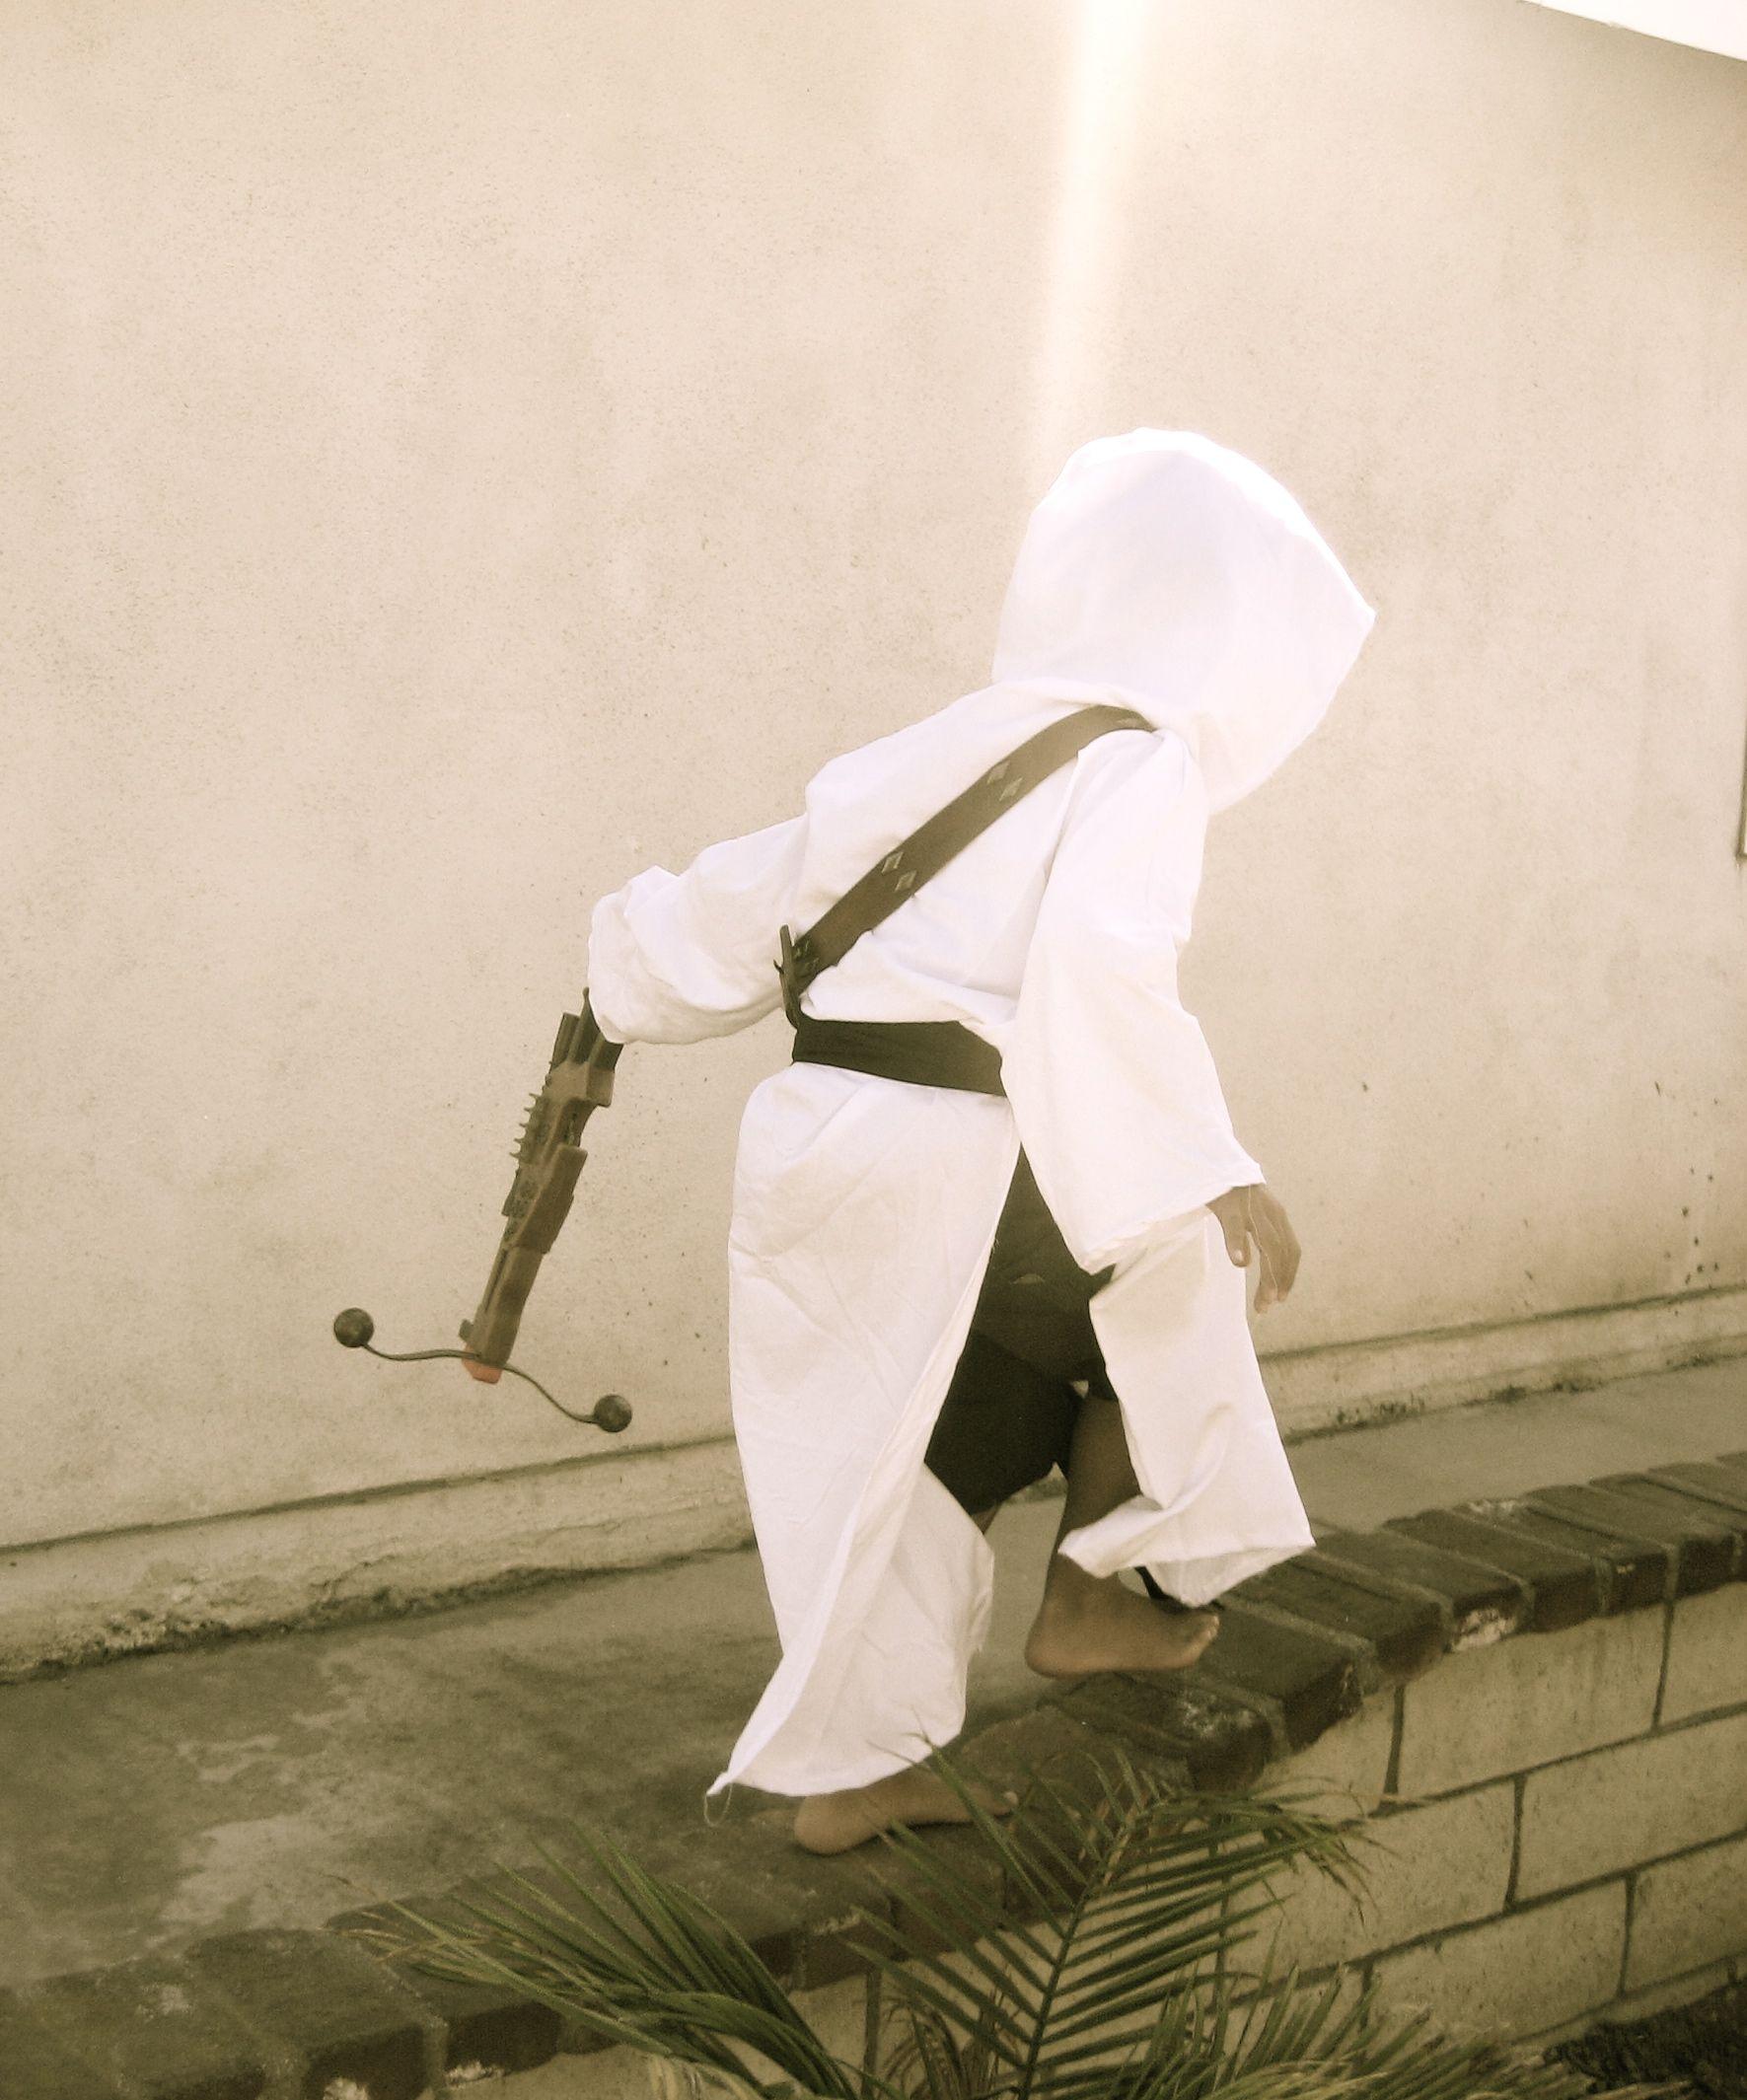 Assassin's Creed costume I made for Cruz